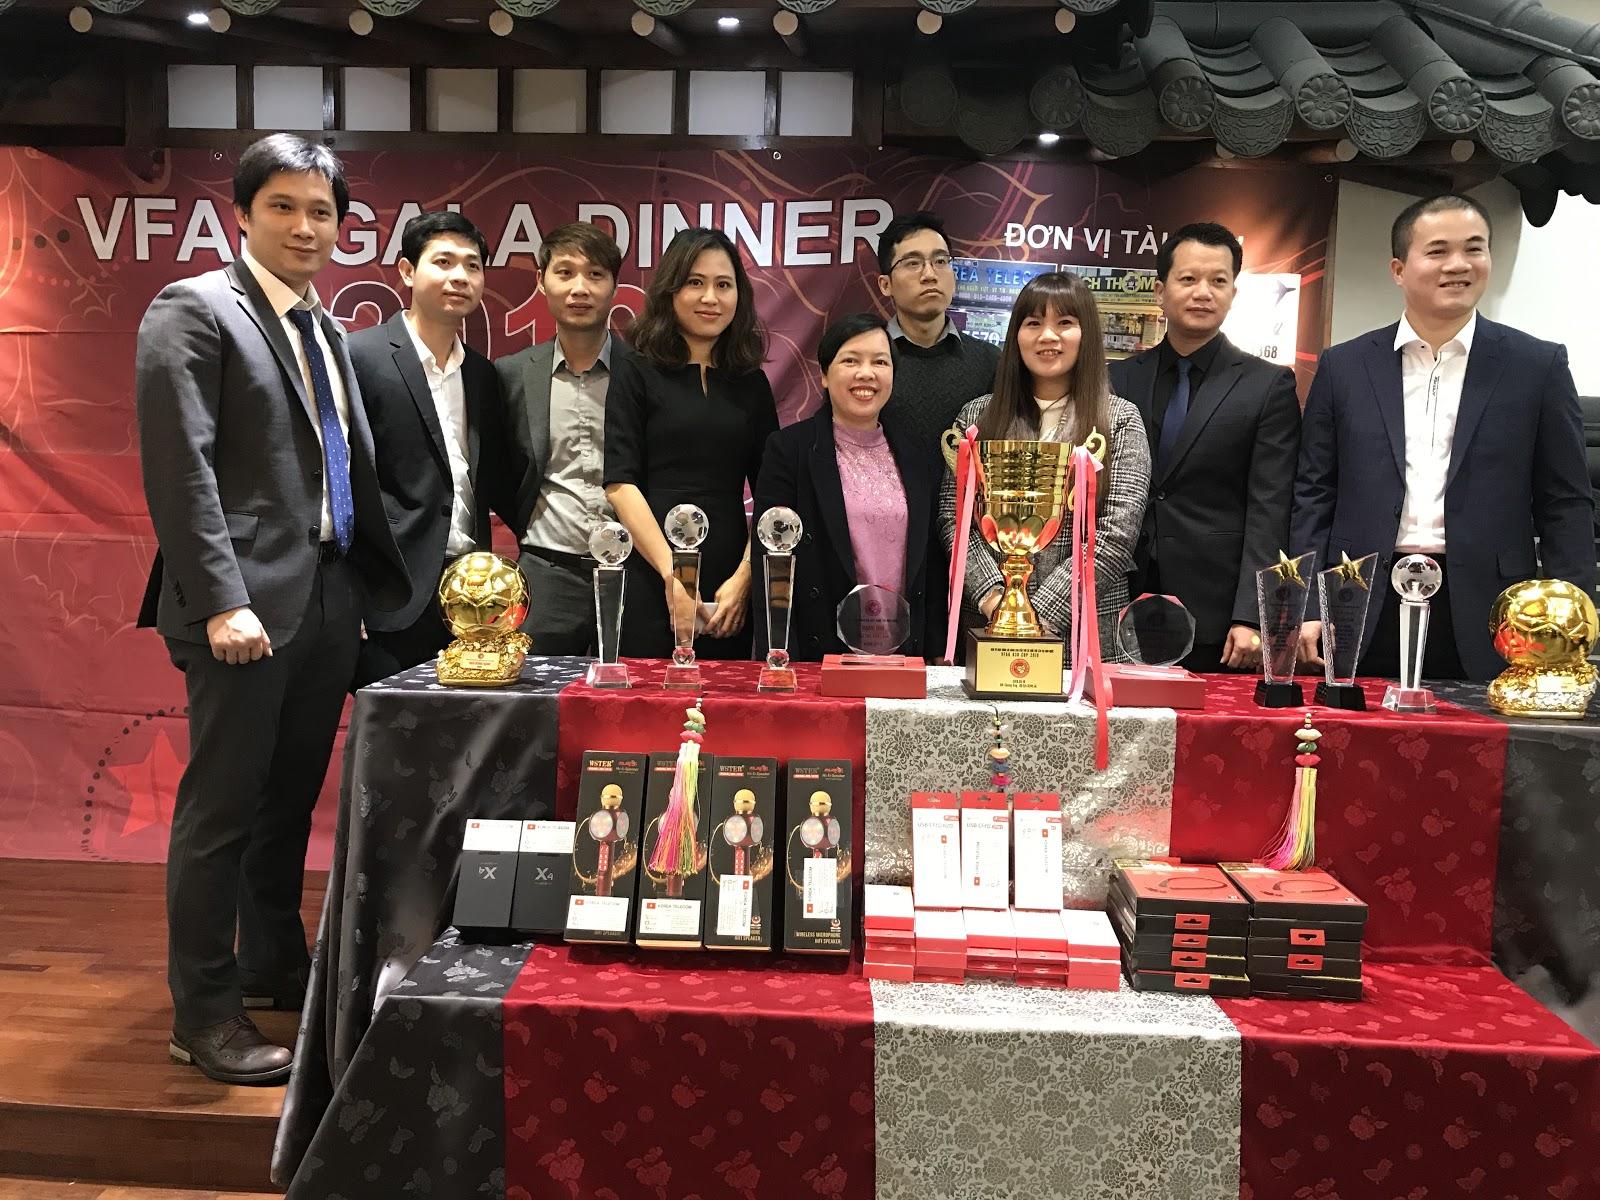 (Tiếng Việt) Hiệp hội bóng dá Việt Nam tại Hàn Quốc tổng kết 1 năm đầy thành công